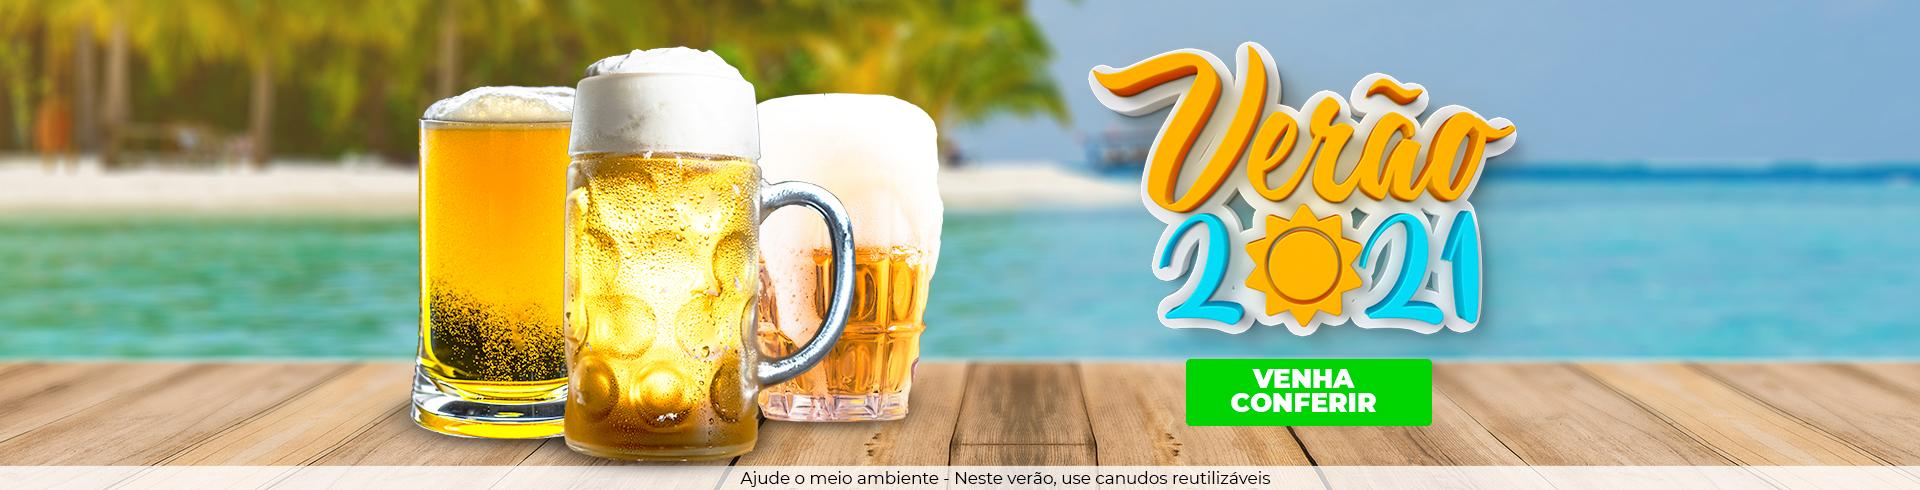 Canecar Beer de alta qualidade para bares e restaurantes você encontra aqui!